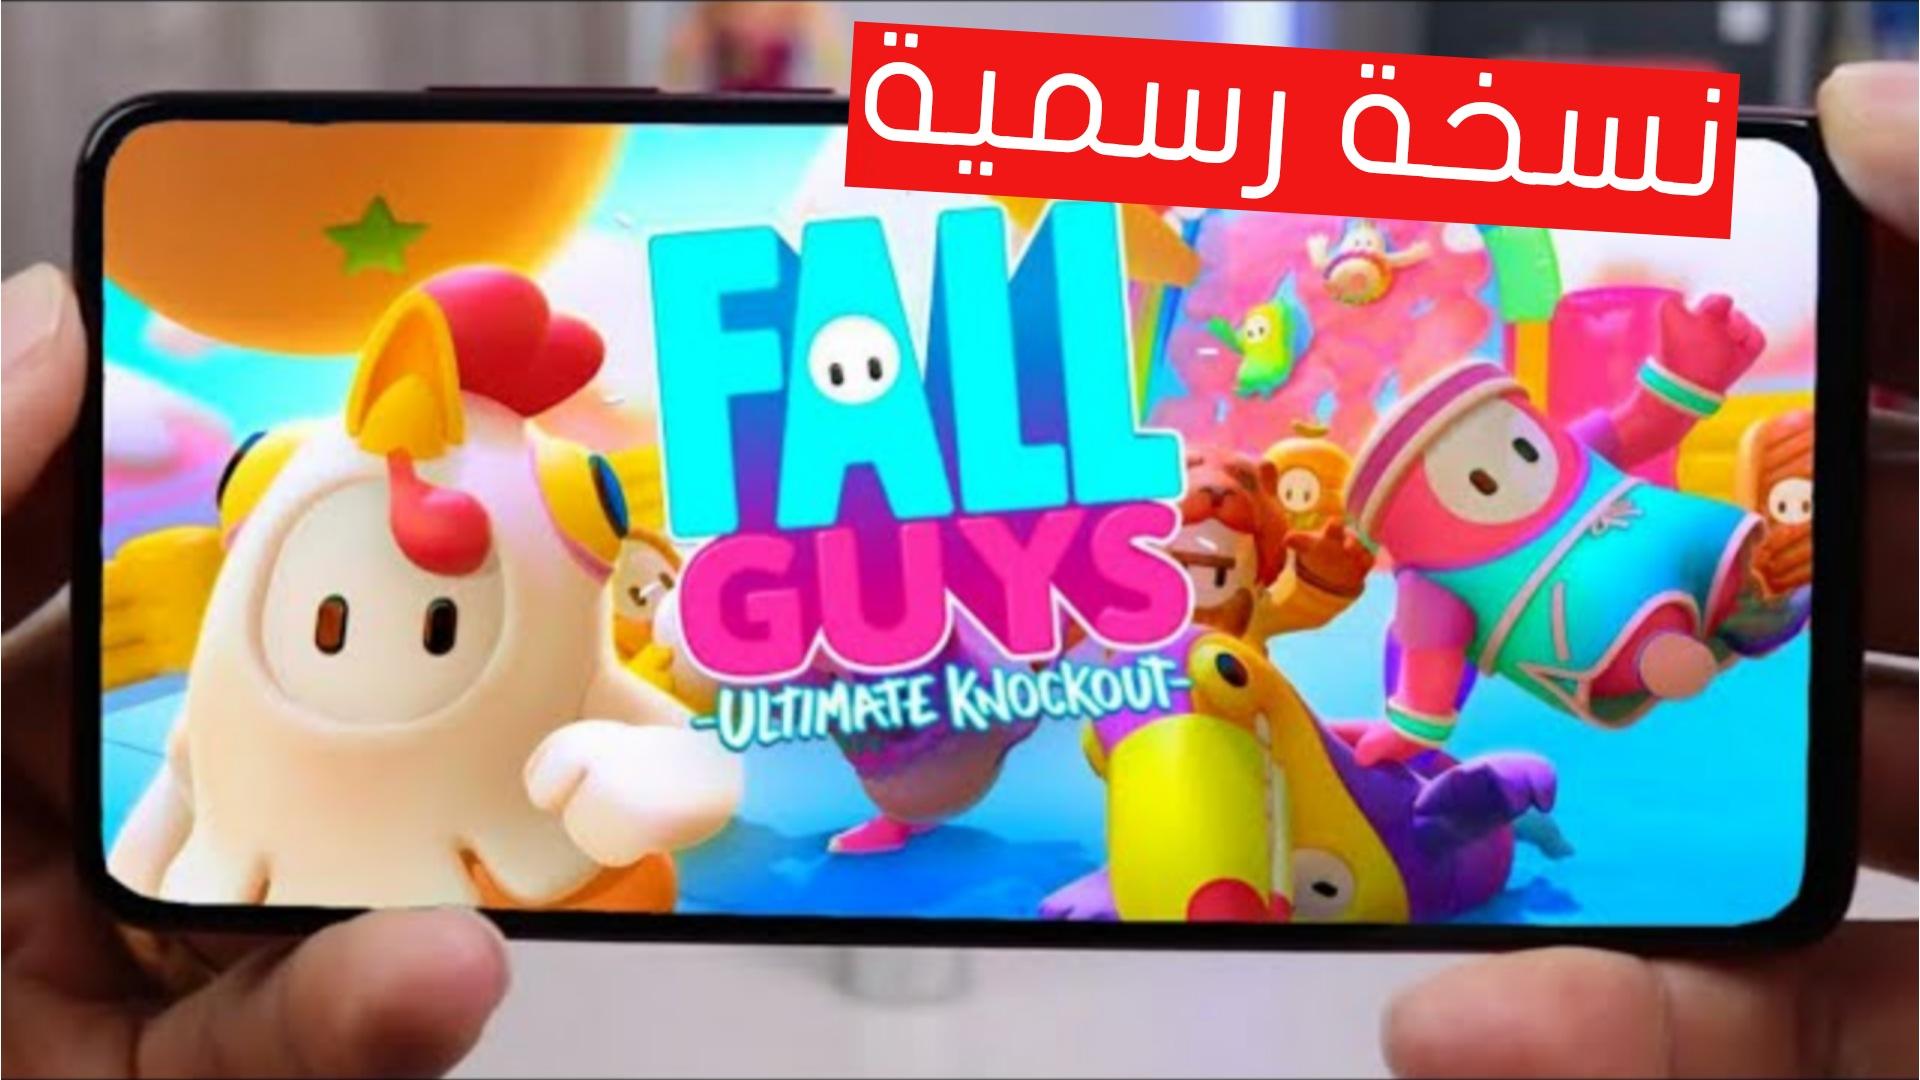 تحميل لعبة فول غايز الرسمية للاندرويد من ميديافاير Fall guys android 2021